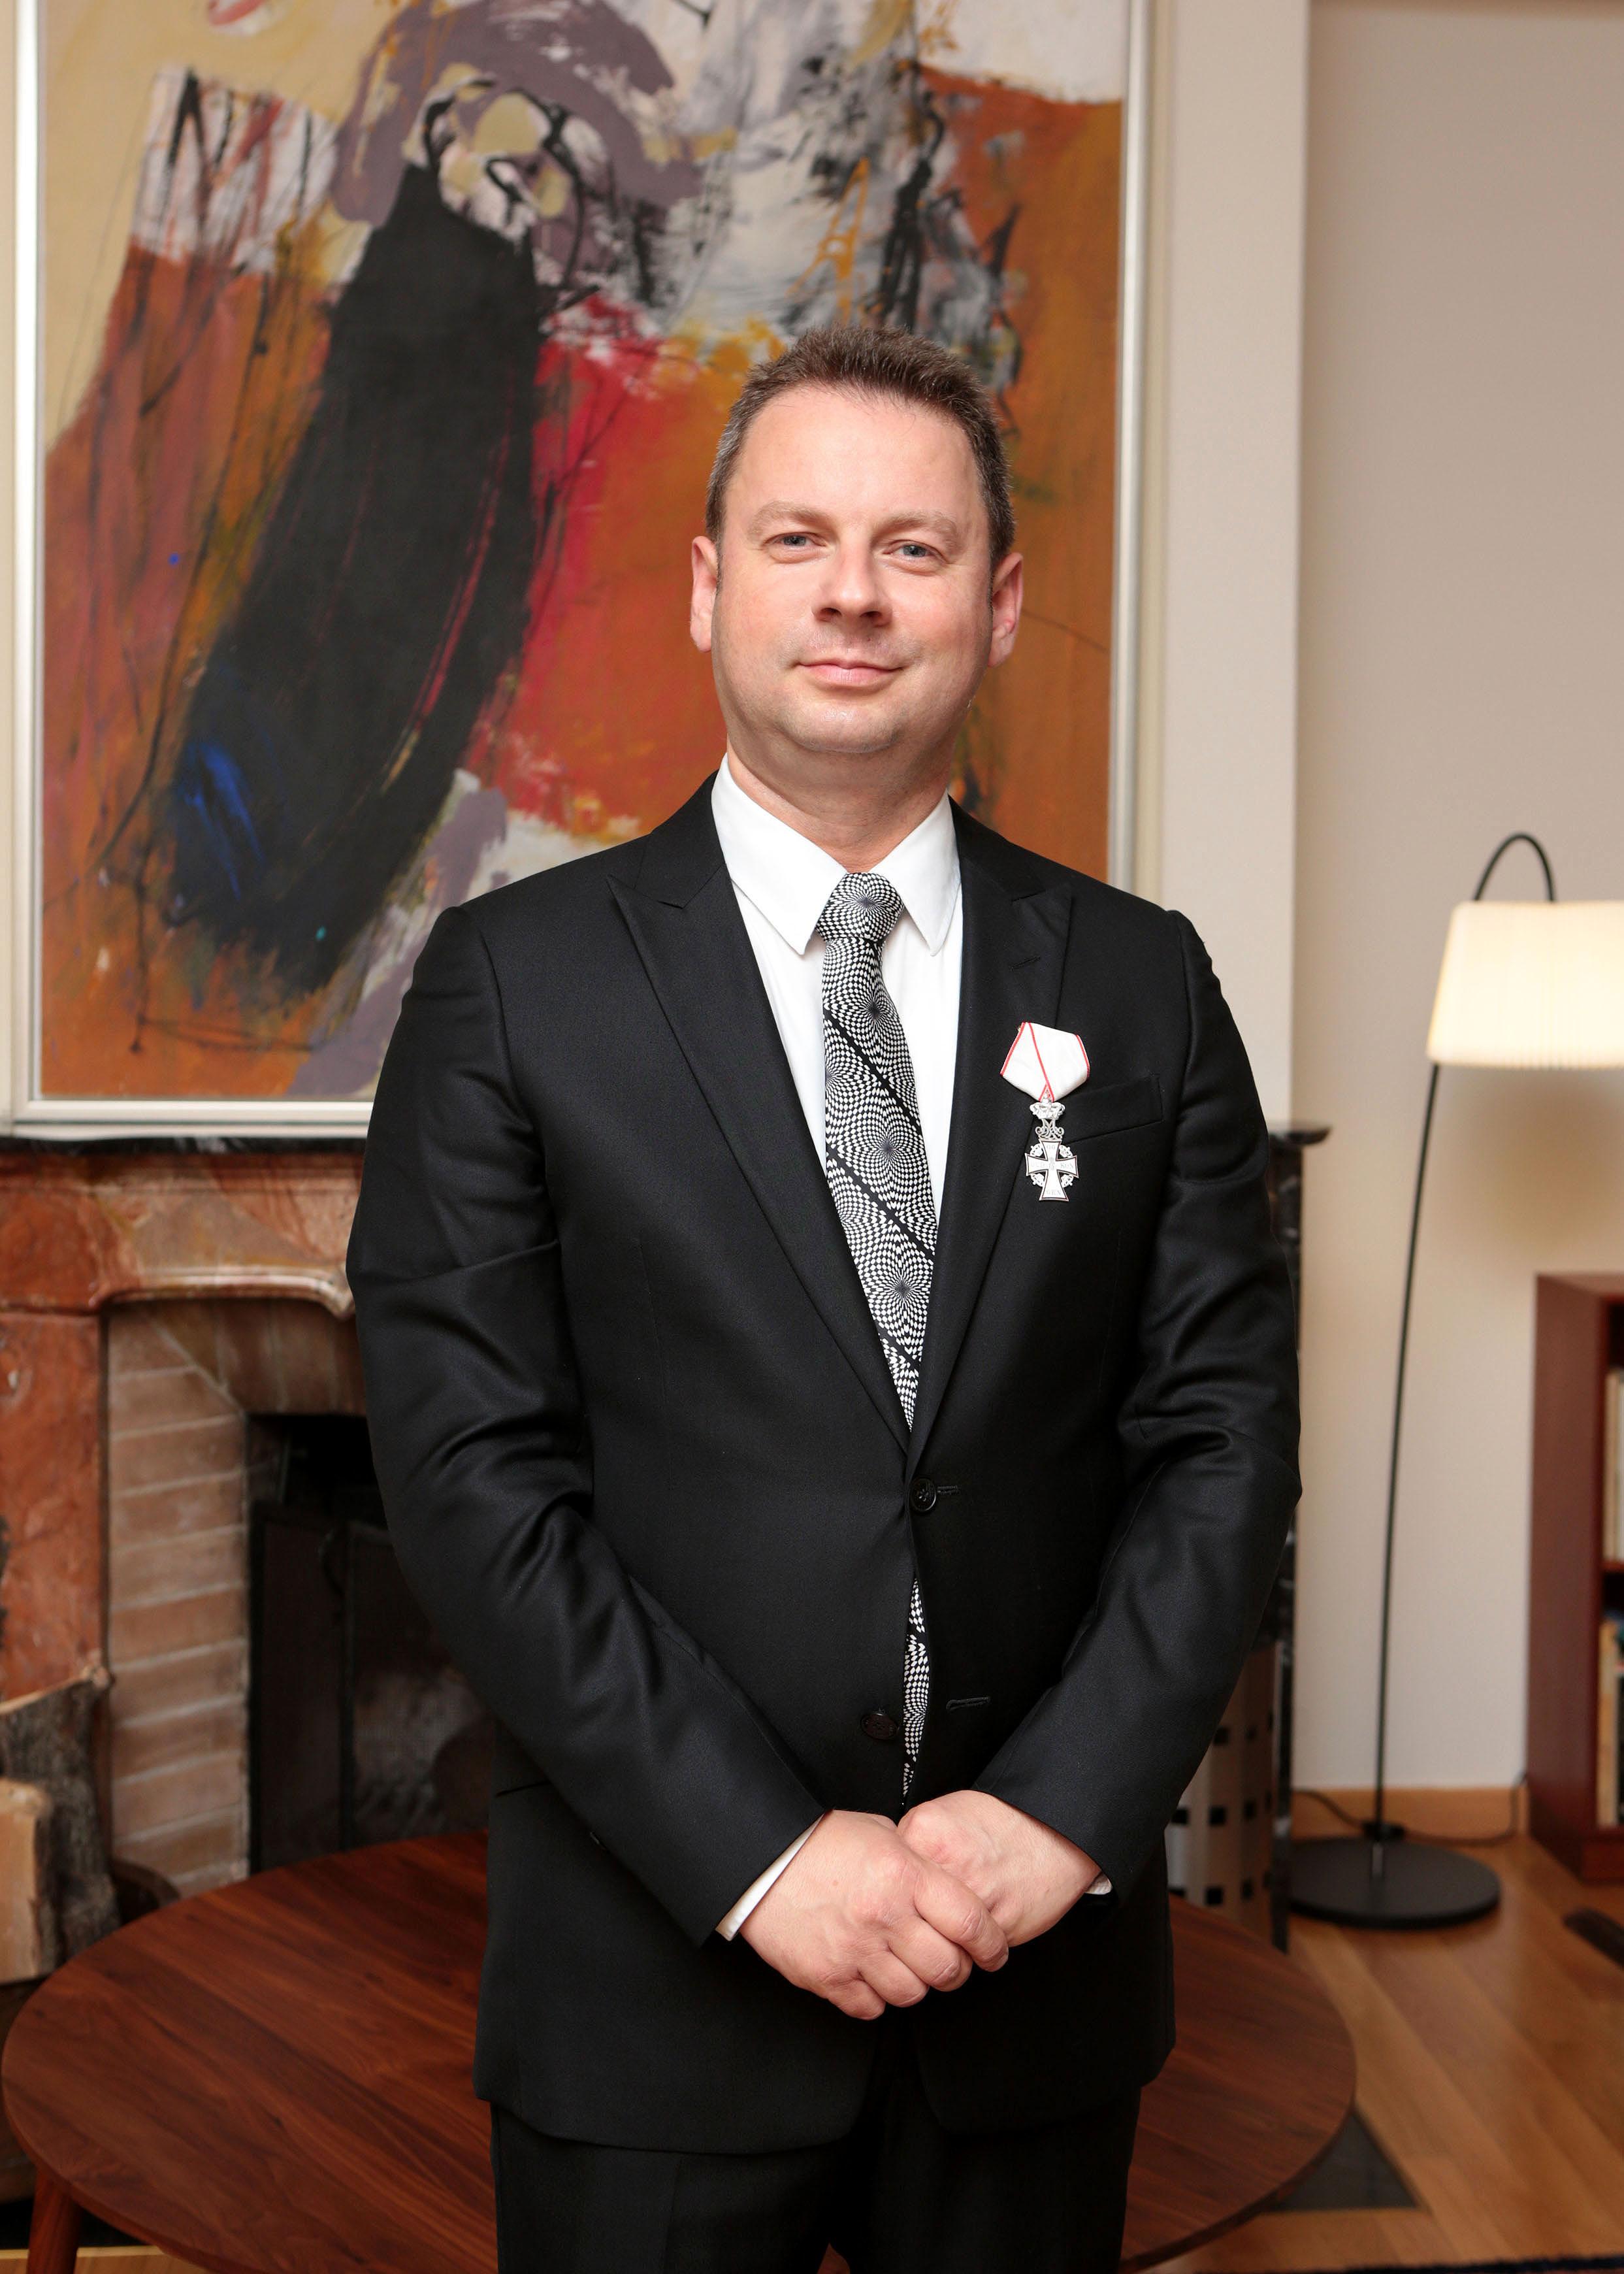 Живко Мукаетов одликуван во Витез на Данското Знаме од Кралицата Маргарете II